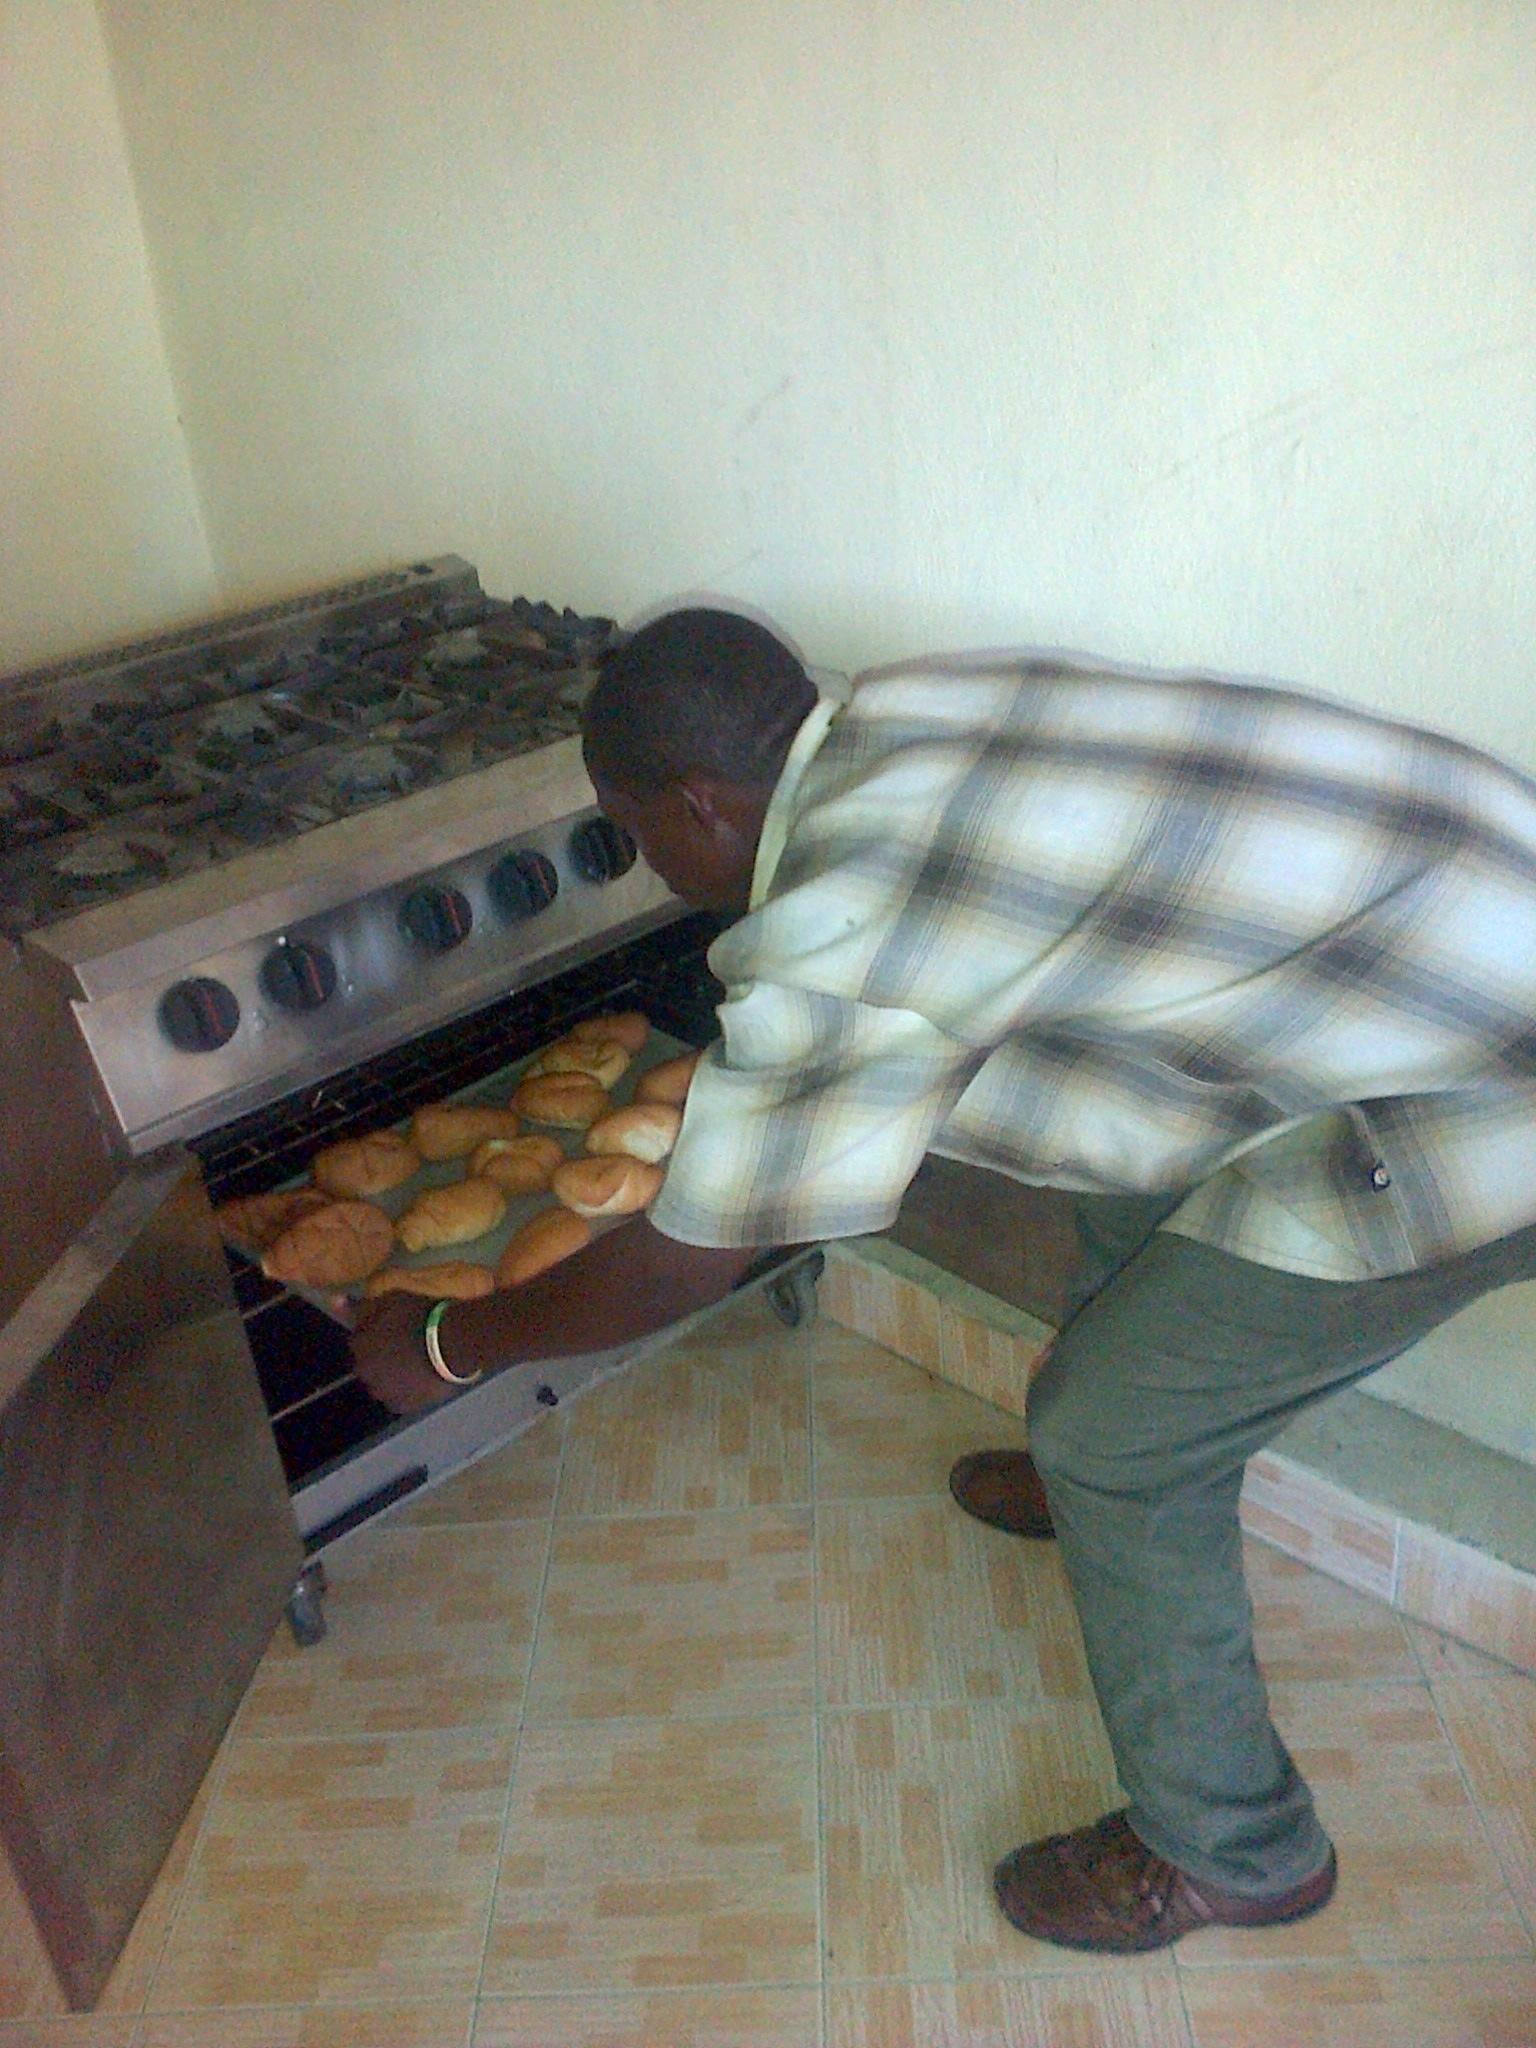 Grandoit loading new oven